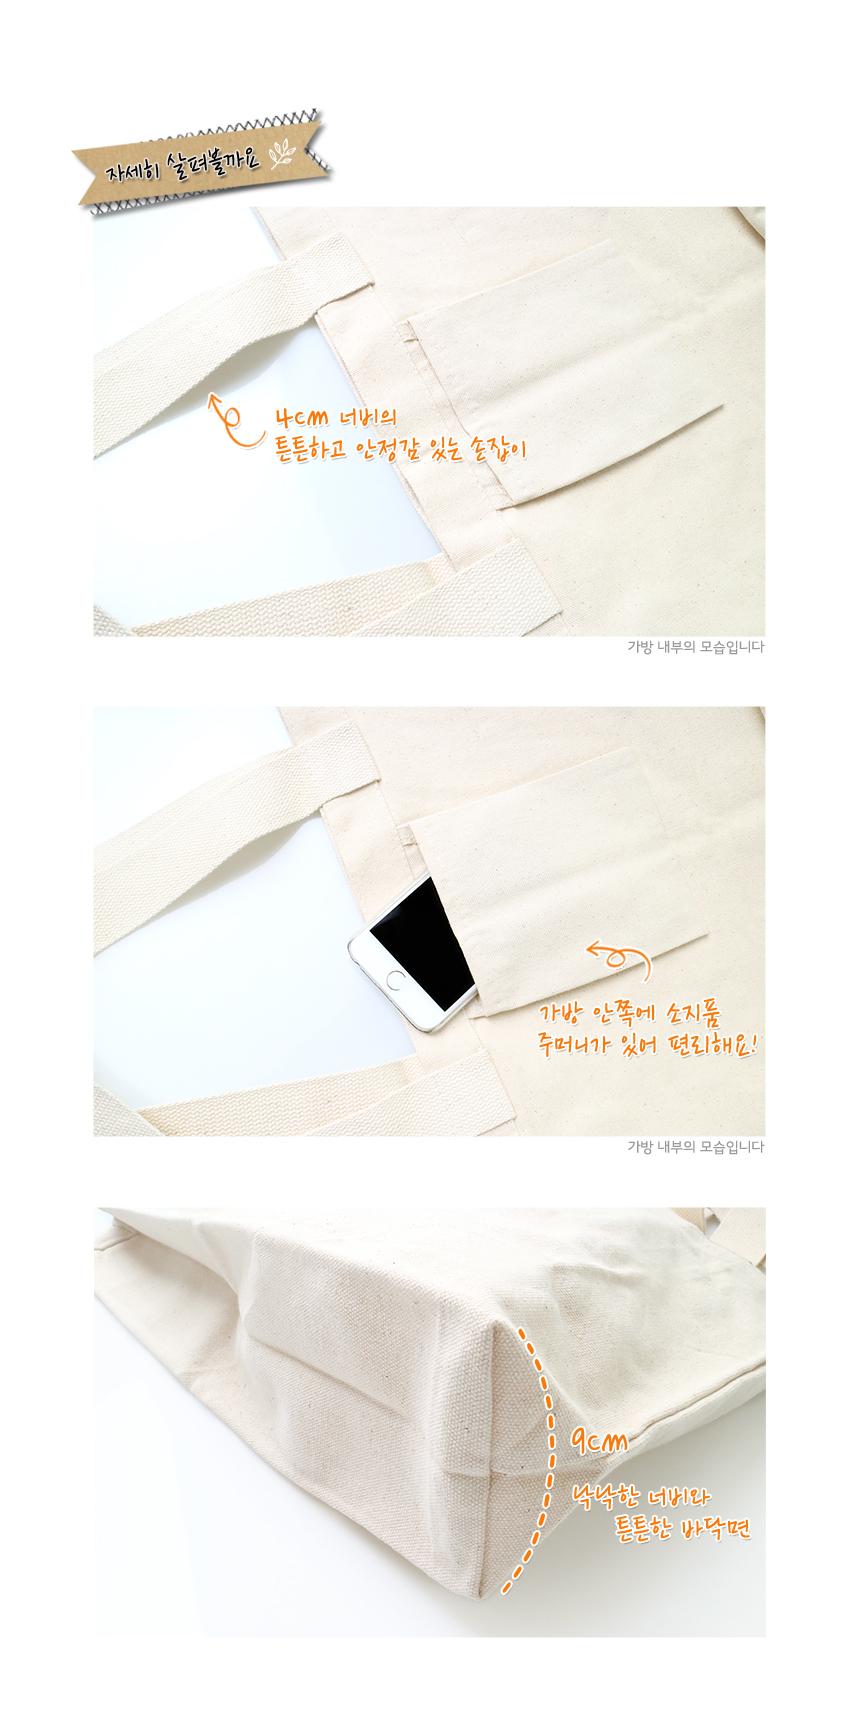 만꾸 무지 광목 에코백(대) 그리기 - 만꾸(만들기와 꾸미기), 4,000원, 퀼트/원단공예, 패브릭아트 패키지